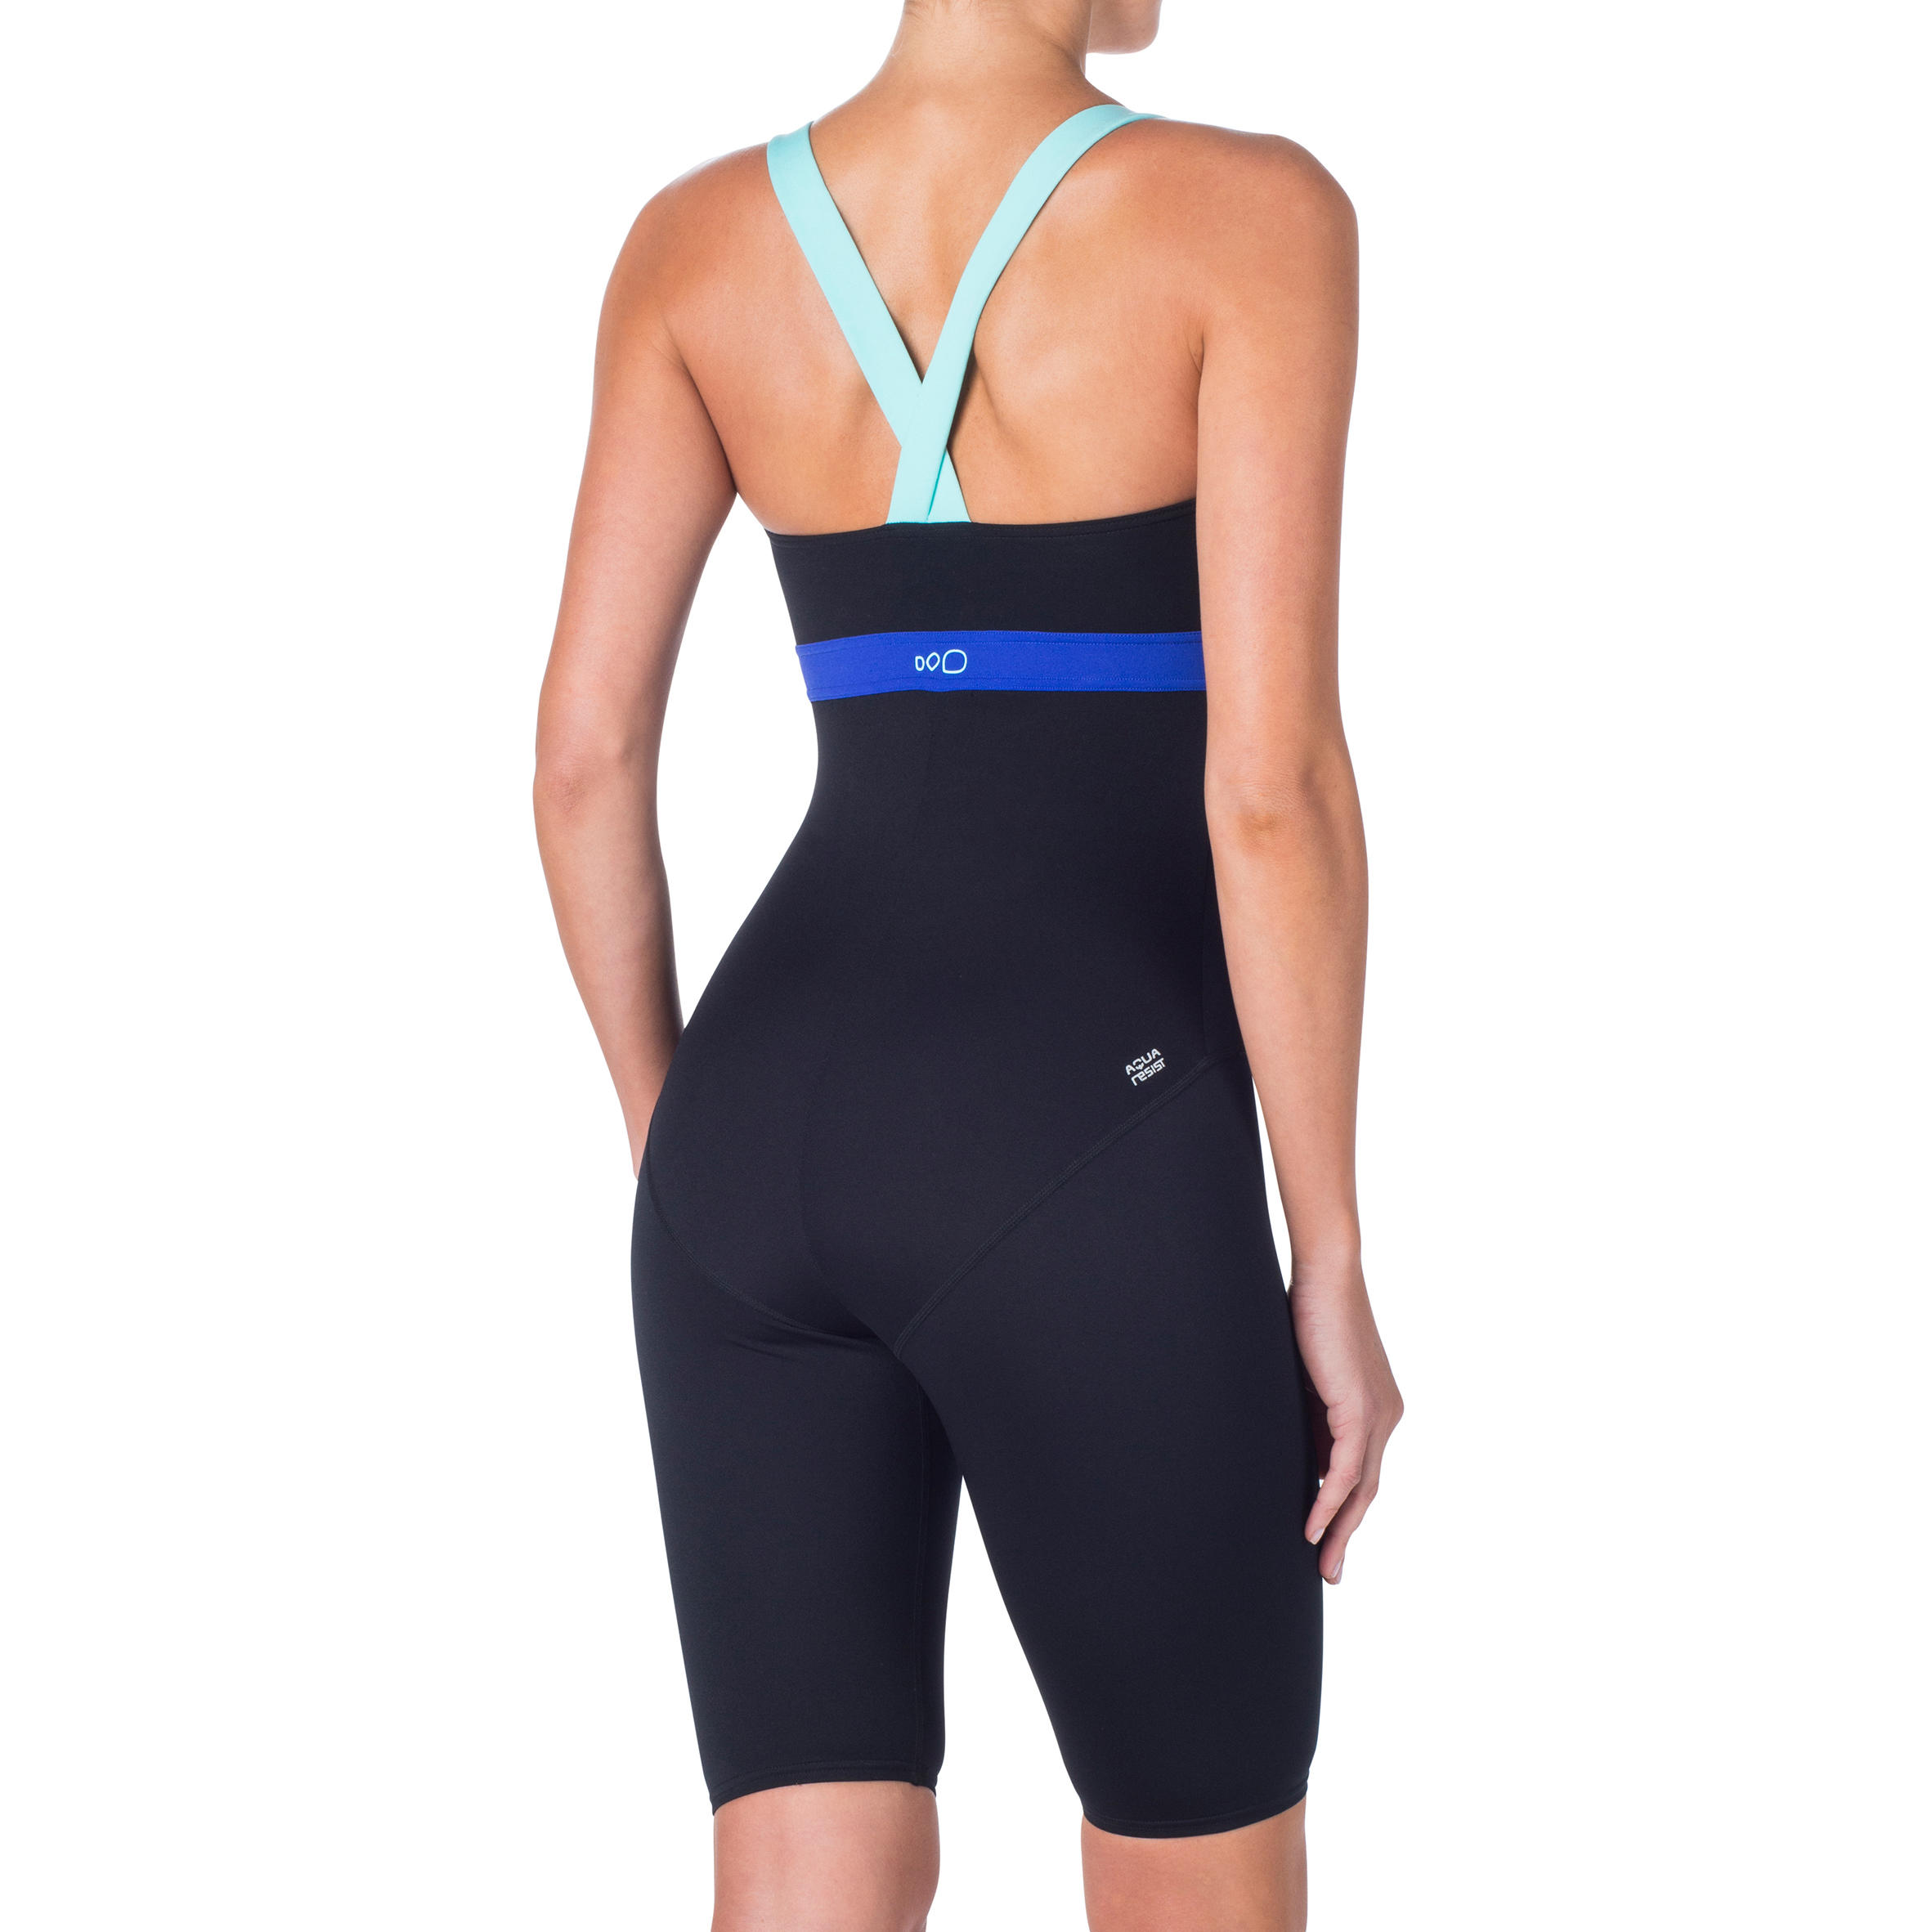 Maillot de bain d'aquacycle femme jammer résistant au chlore Anna noir bleu